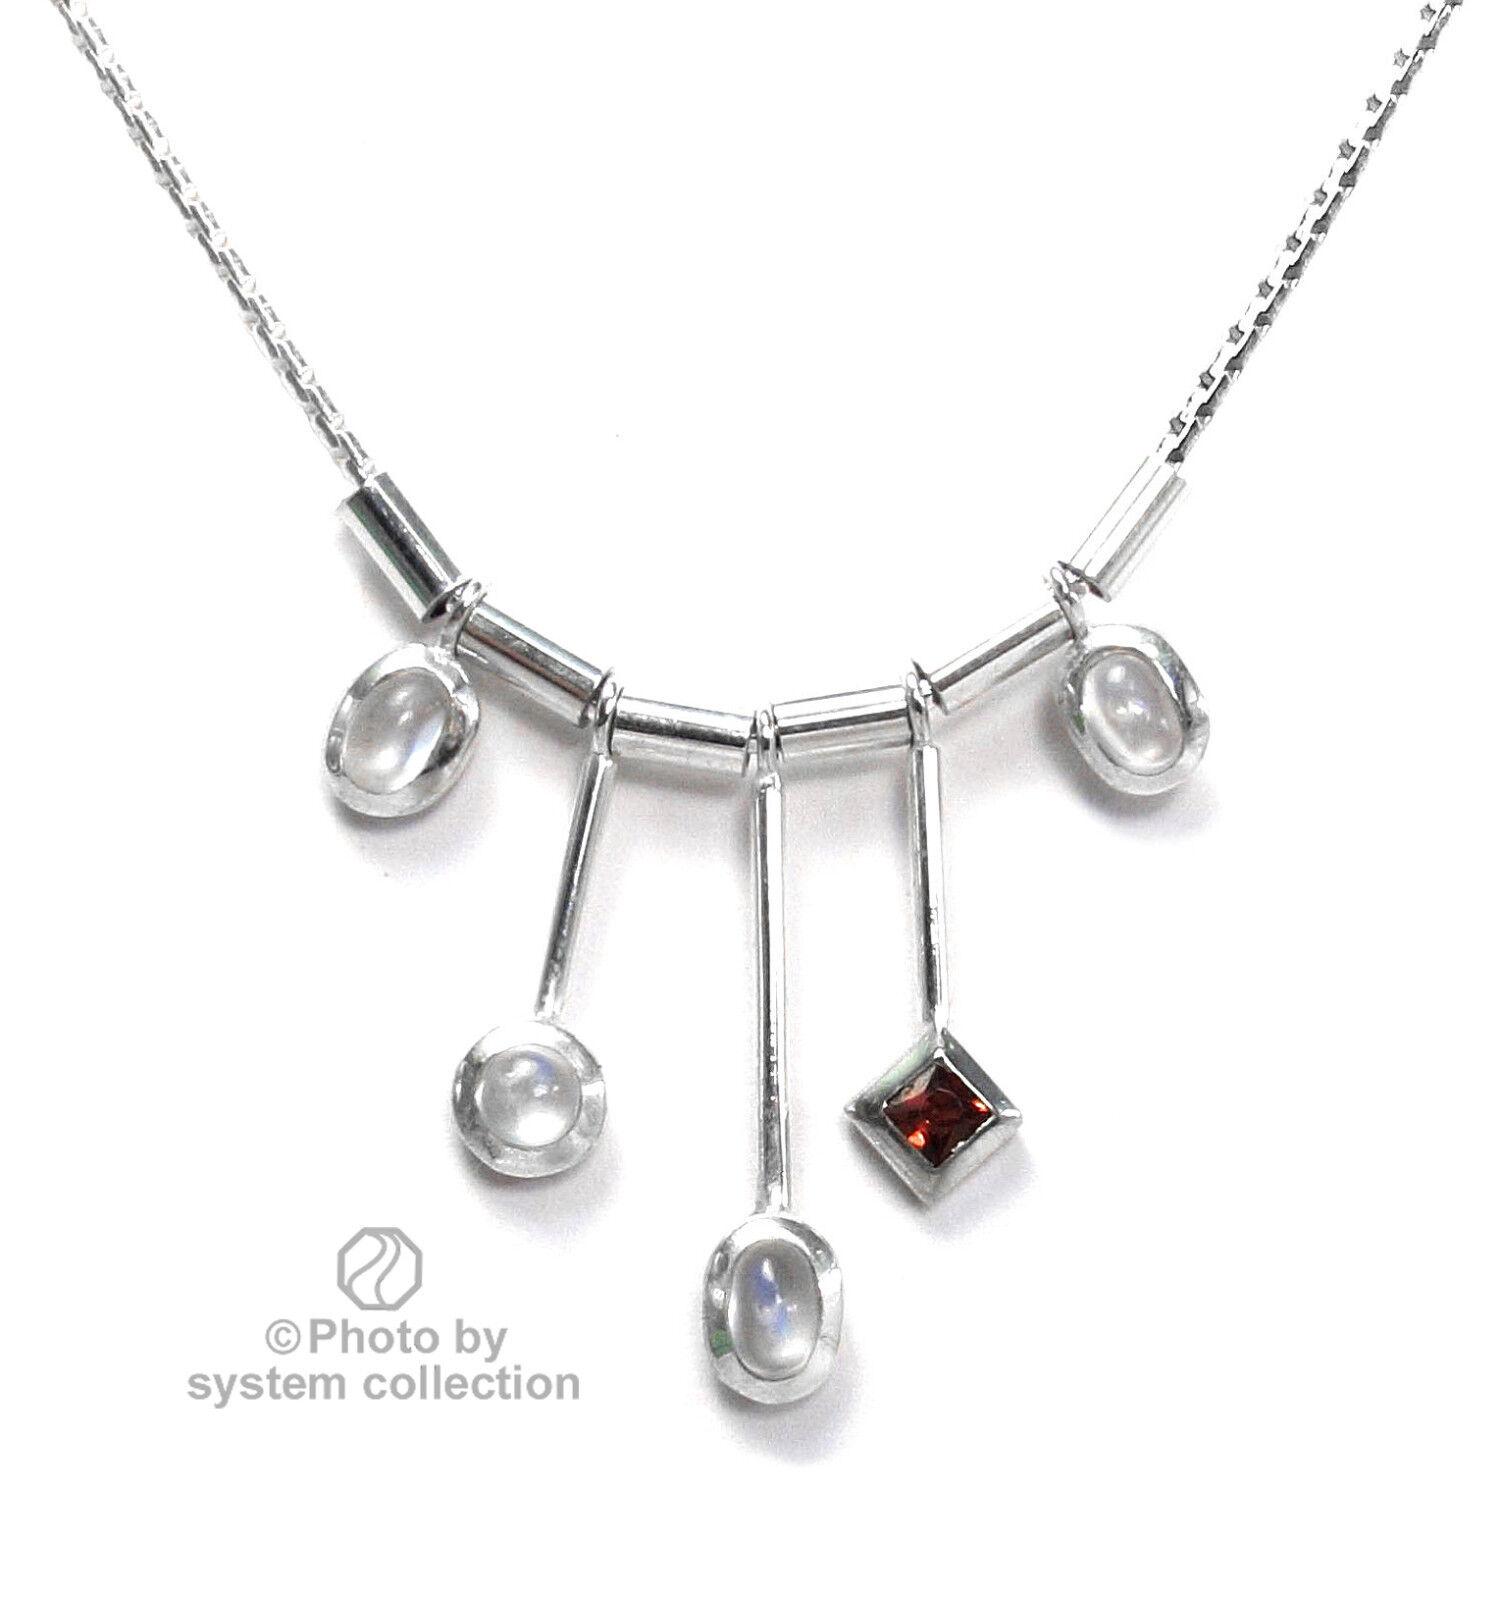 925er silvercollier mit Mondsteinen und Granat